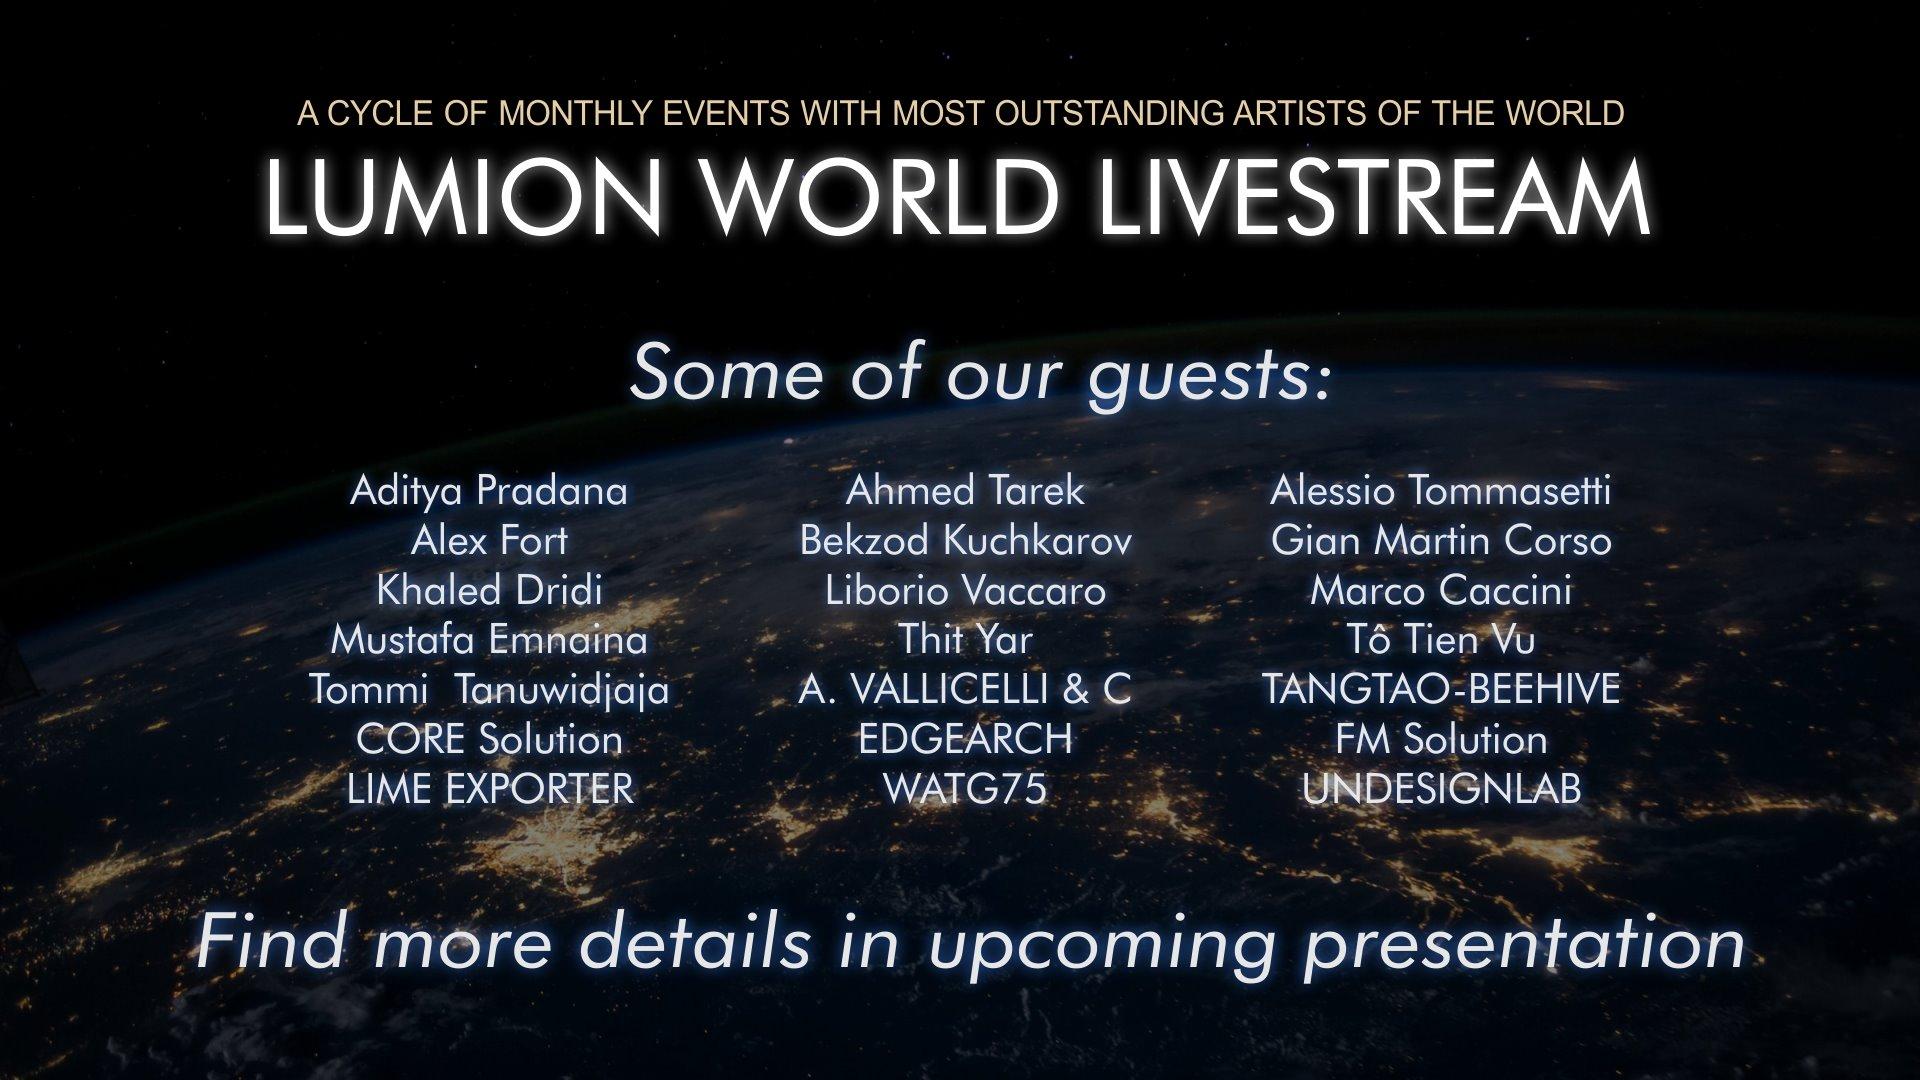 Lumion World LiveStream